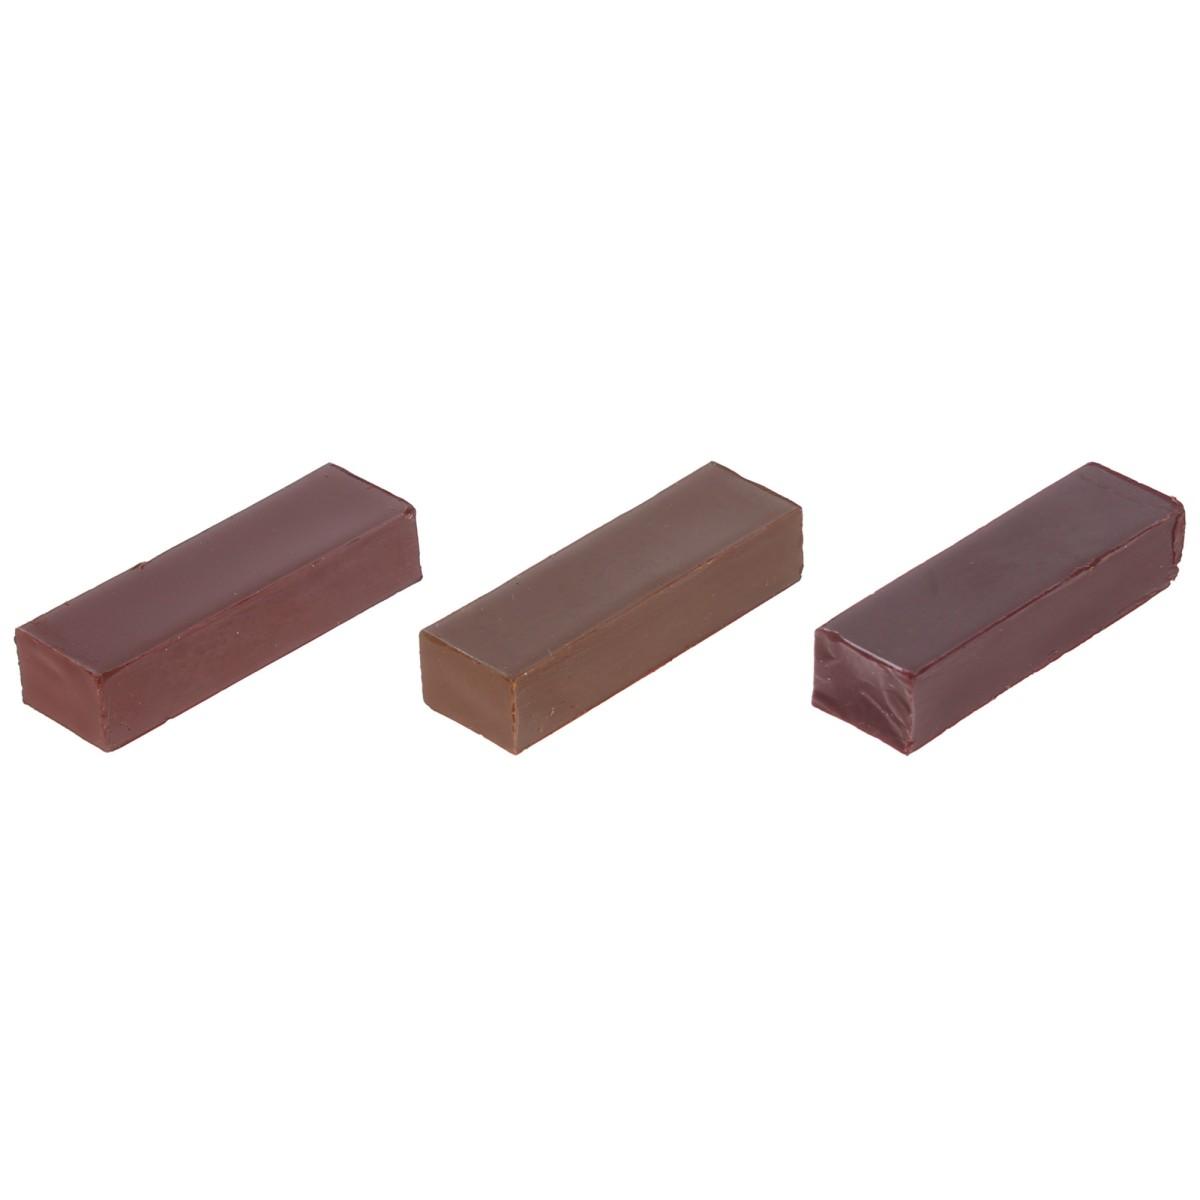 Набор мелков восковых оттенки темно-коричневые 3 шт.